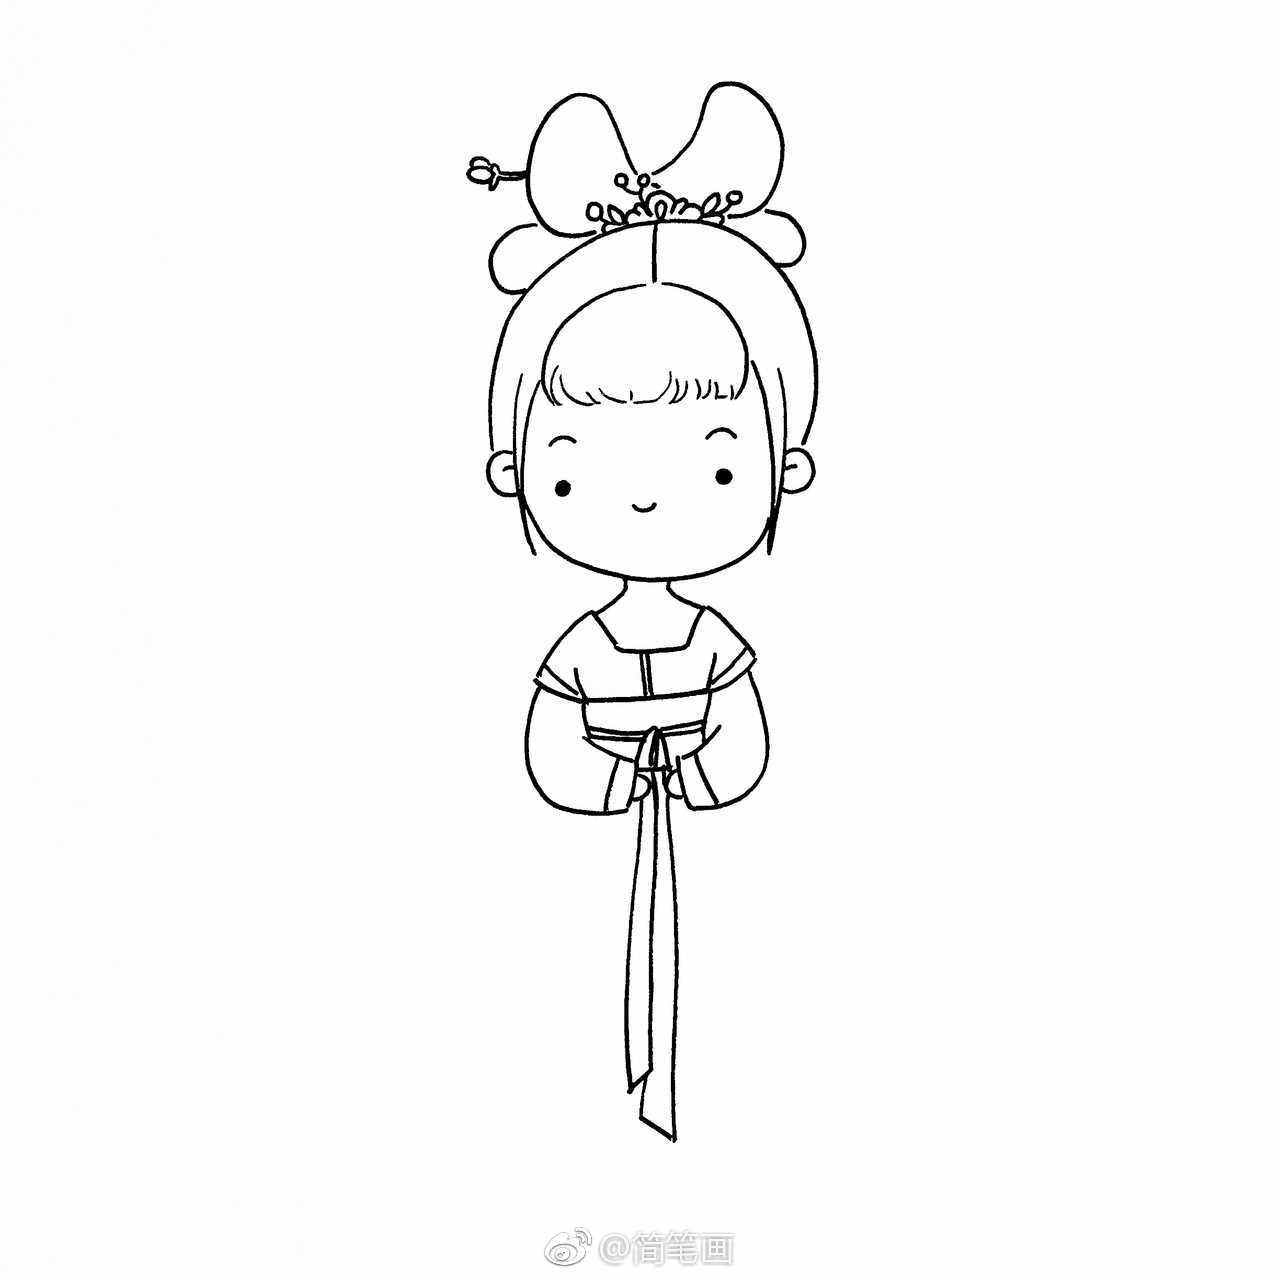 古风女孩简笔画教程~(投稿:@爱画画的橙子 )